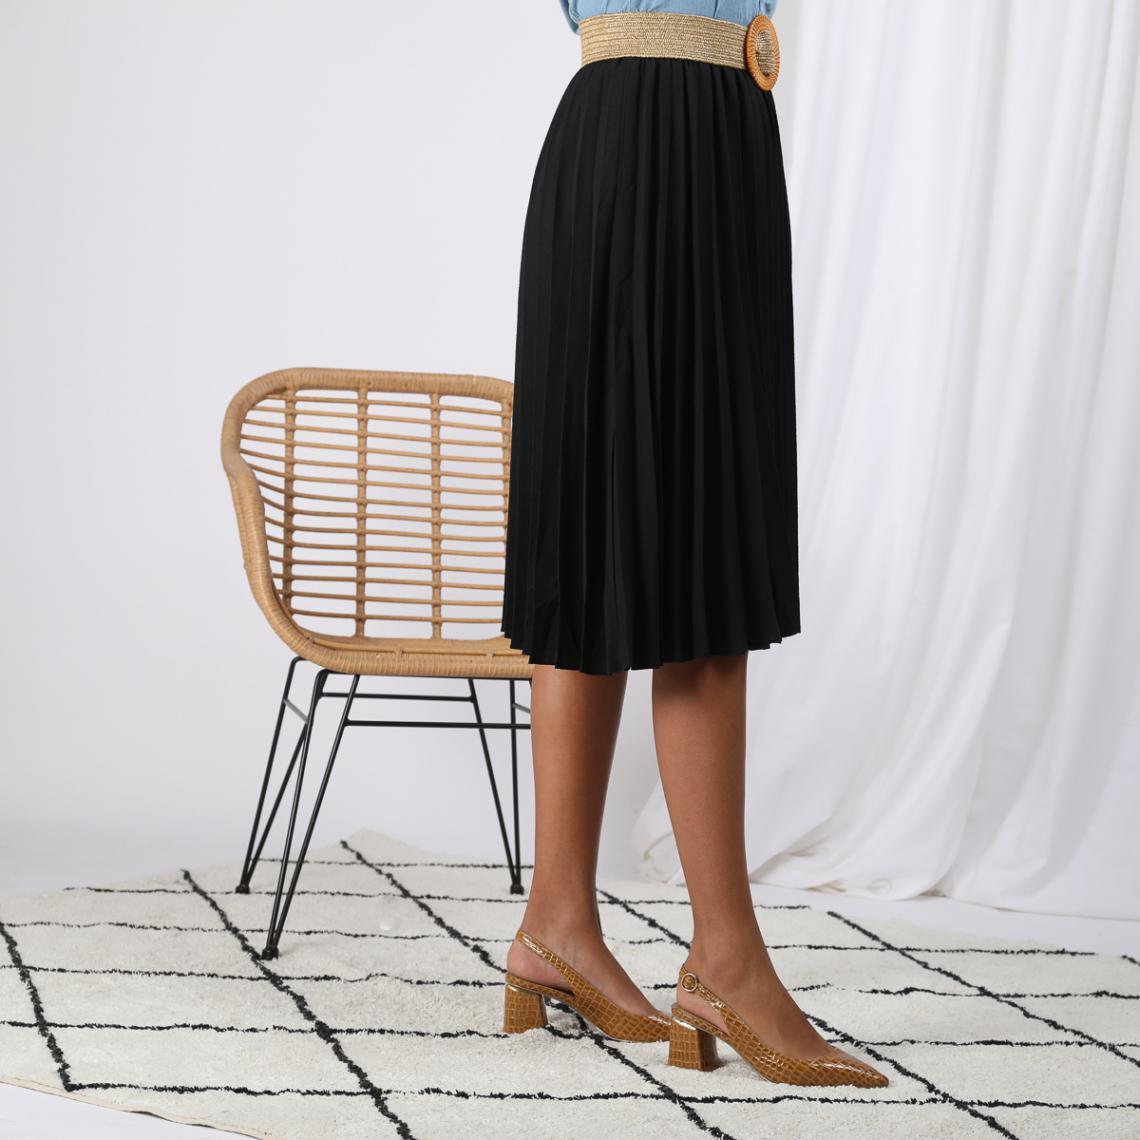 Promo : Jupe mi-longue plissée taille élastique dos - Noir - 3S. x Le Vestiaire - Modalova